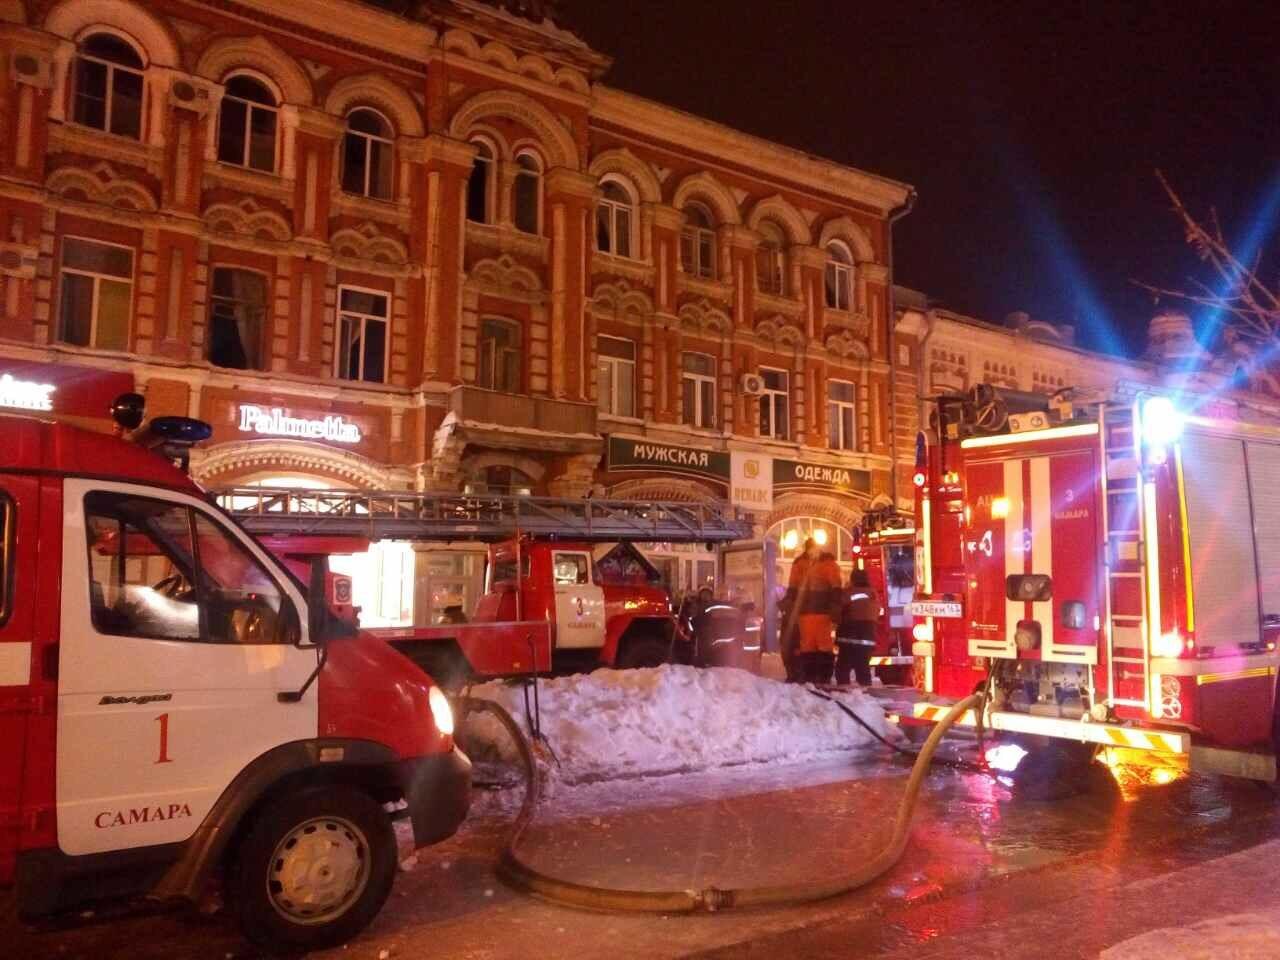 ВСамаре наЛенинградской 31 человек тушили пожар вквартире